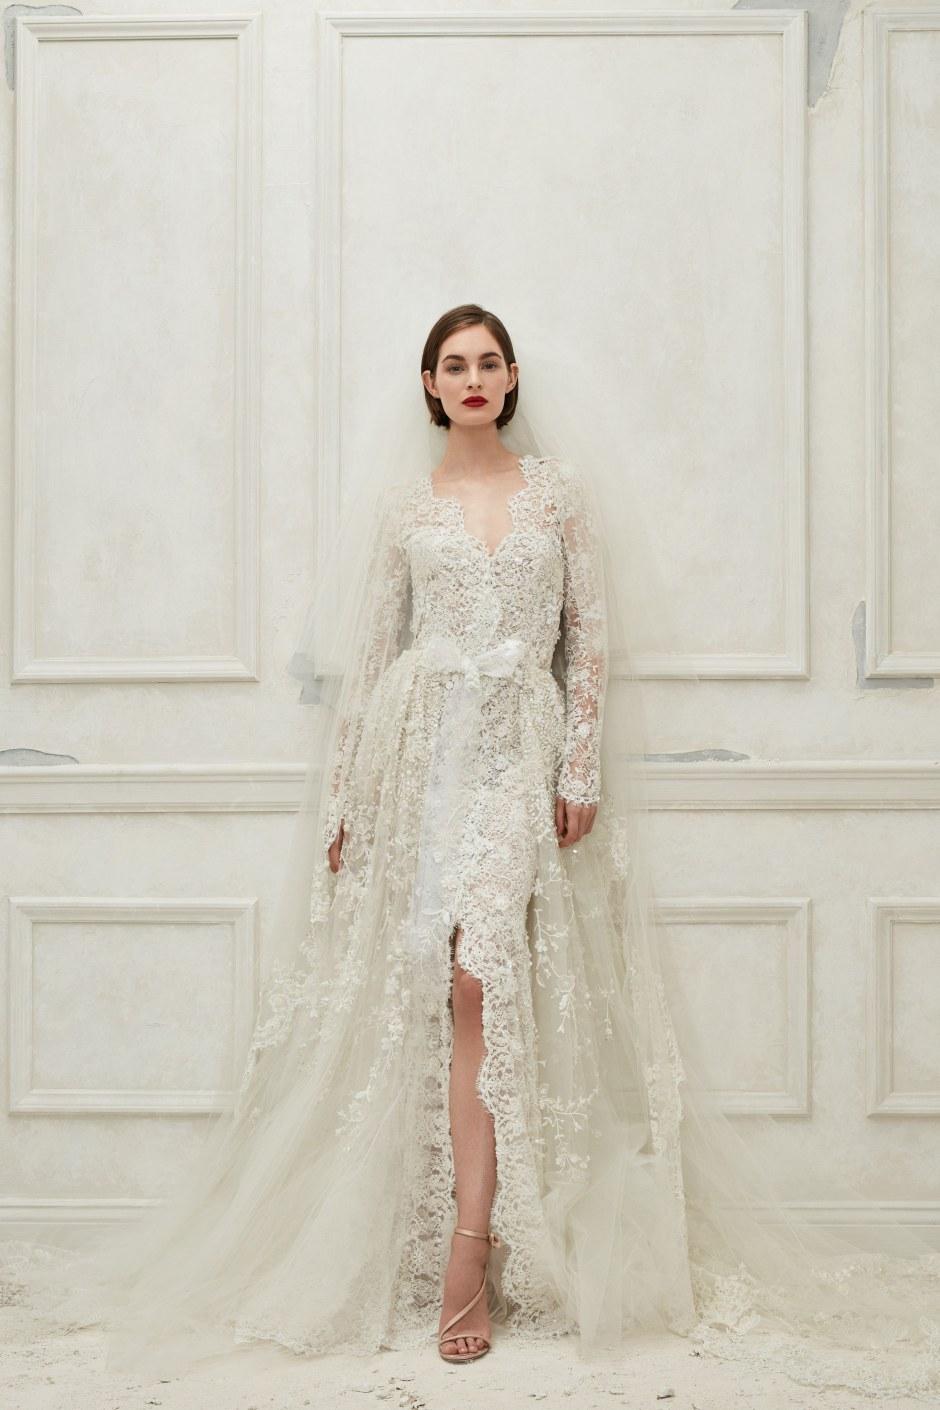 00014-oscar-de-la-renta-fall-2019-bridal